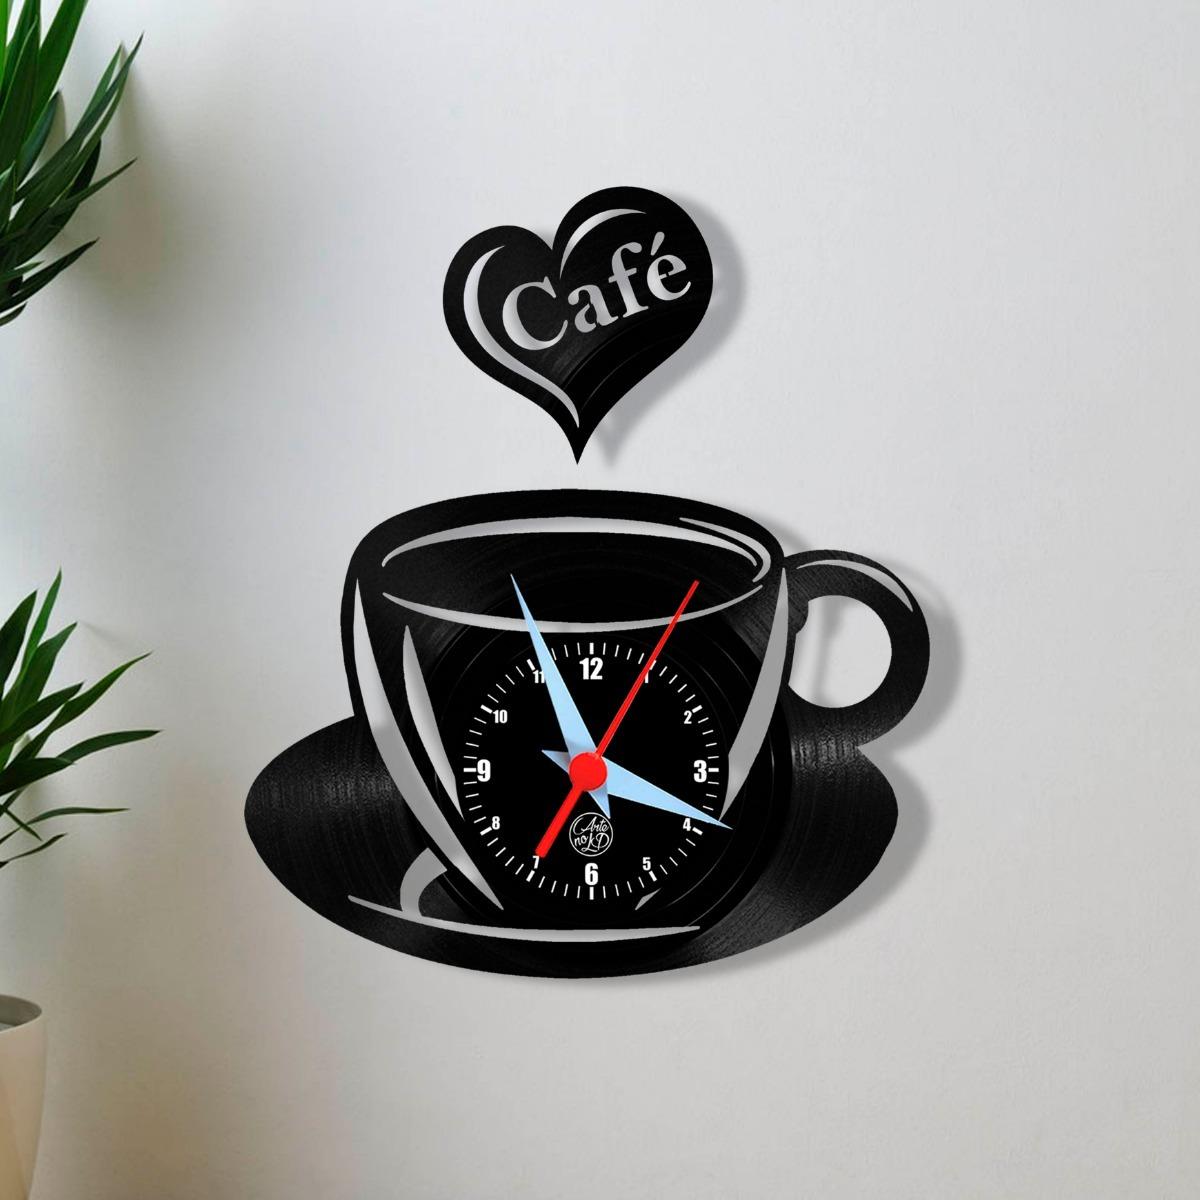 21b0fe73628 Café Xícara Bule Cozinha Relógio Parede Vinil Arte Disco Lp - R  59 ...